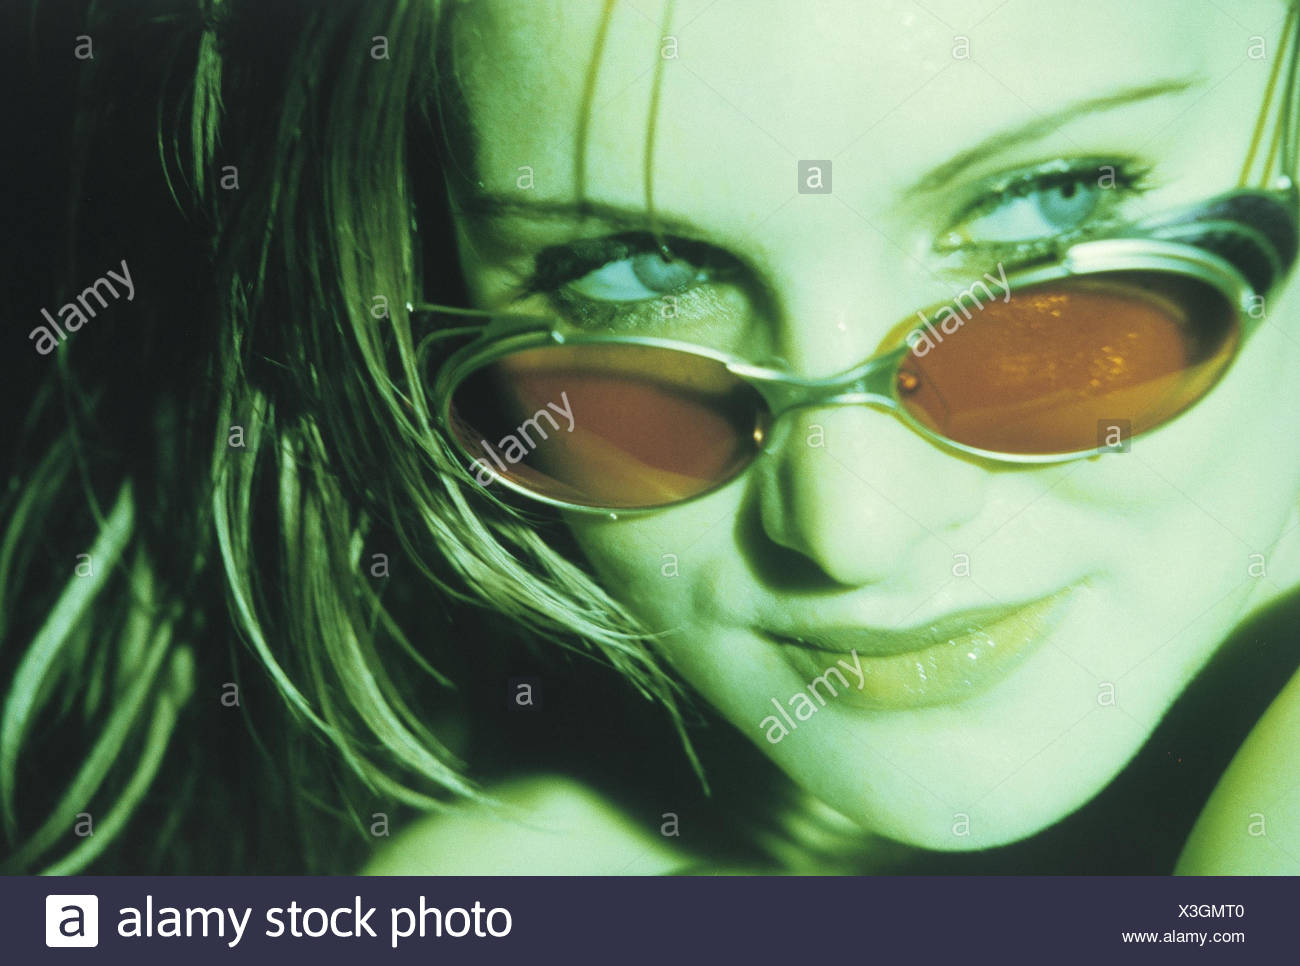 Gafas MujerJovenCon Mujer De MujerJovenCon SolCaraRetratoRetrato 4jqL35RA